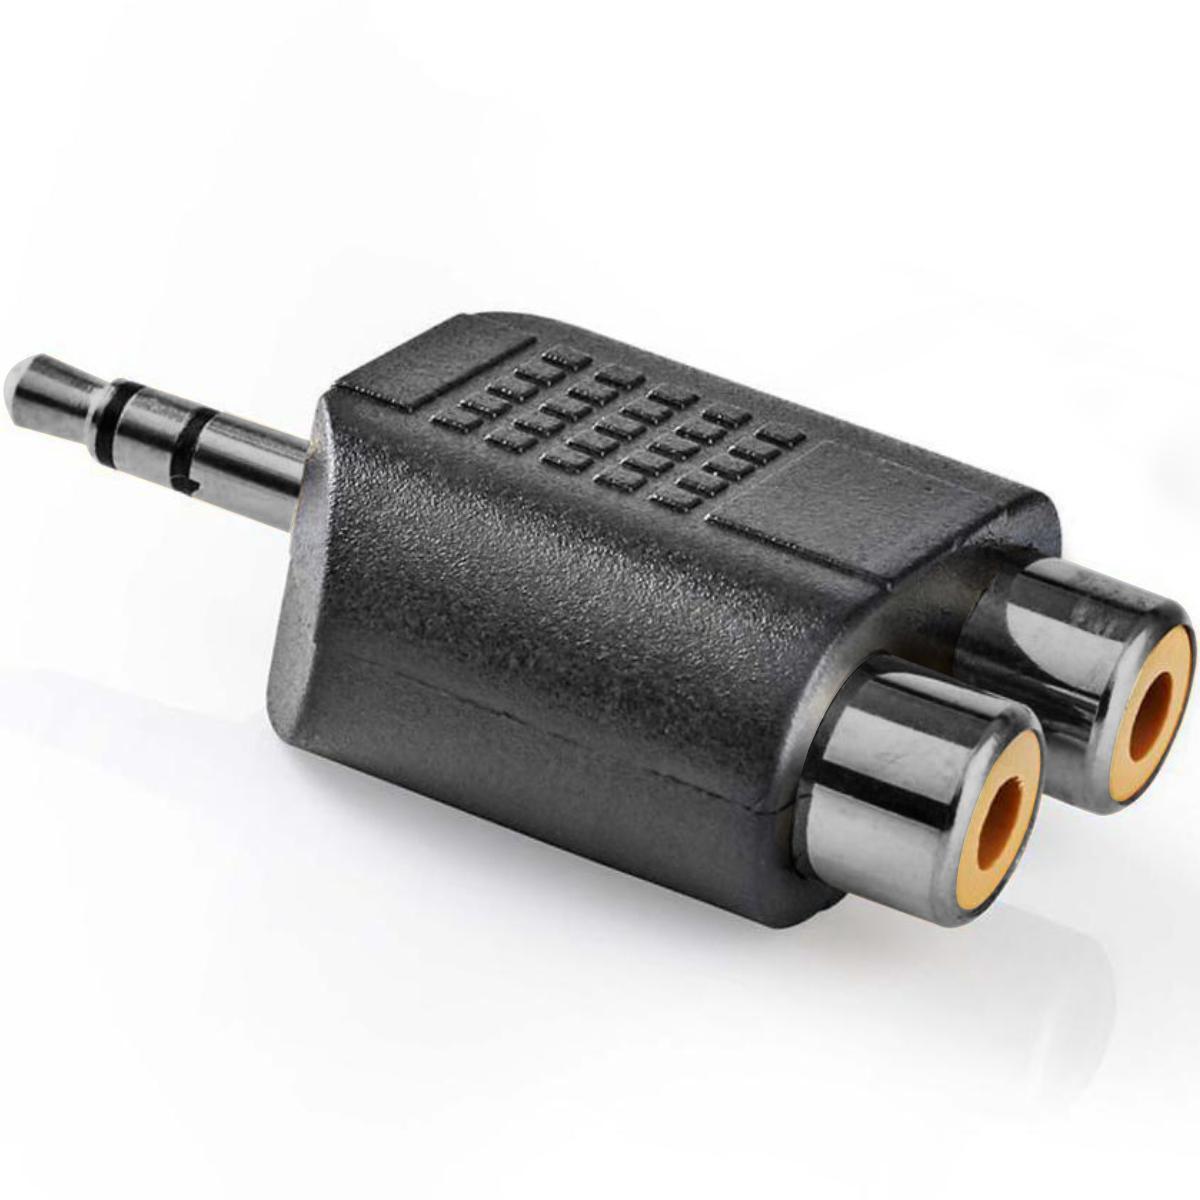 Tulp Verloopstekker Aansluiting 2: Stereo Jack 3.5mm Male